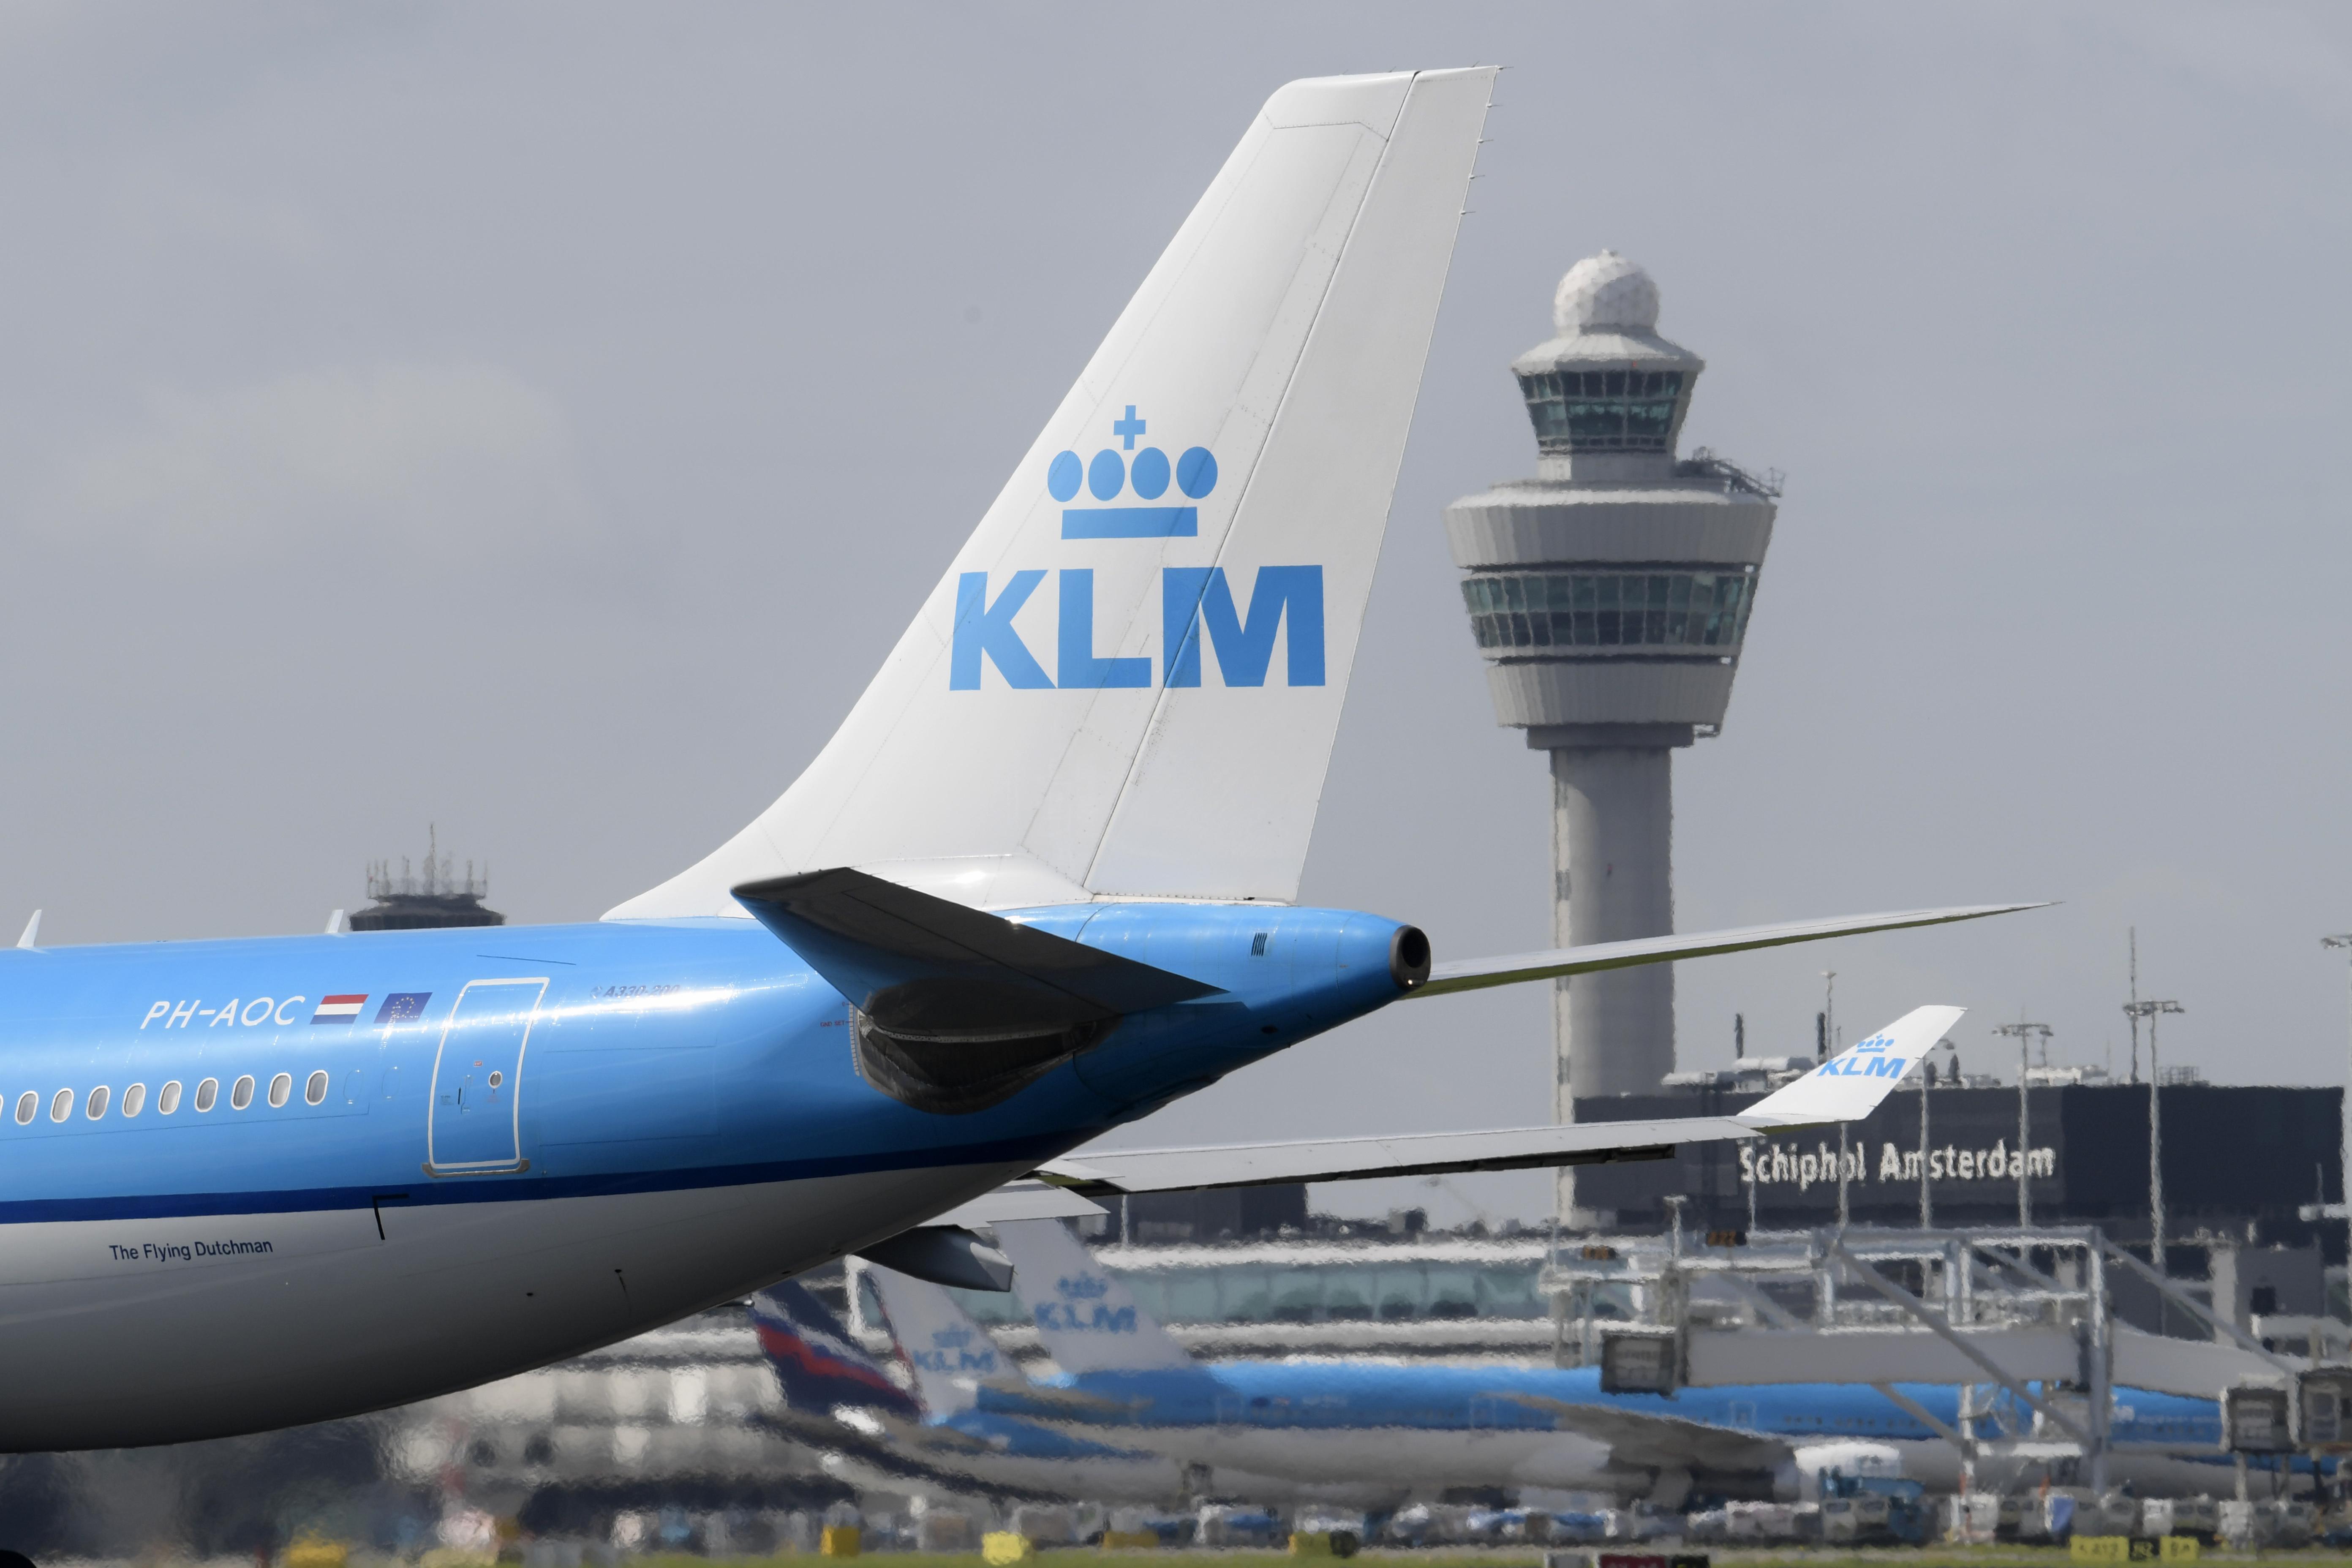 Regiobestuurders pleiten voor 'plan B' noodlijdend Schiphol. 'We willen een Schiphol dat de economie ondersteunt, in plaats van dat het een doel op zich is'